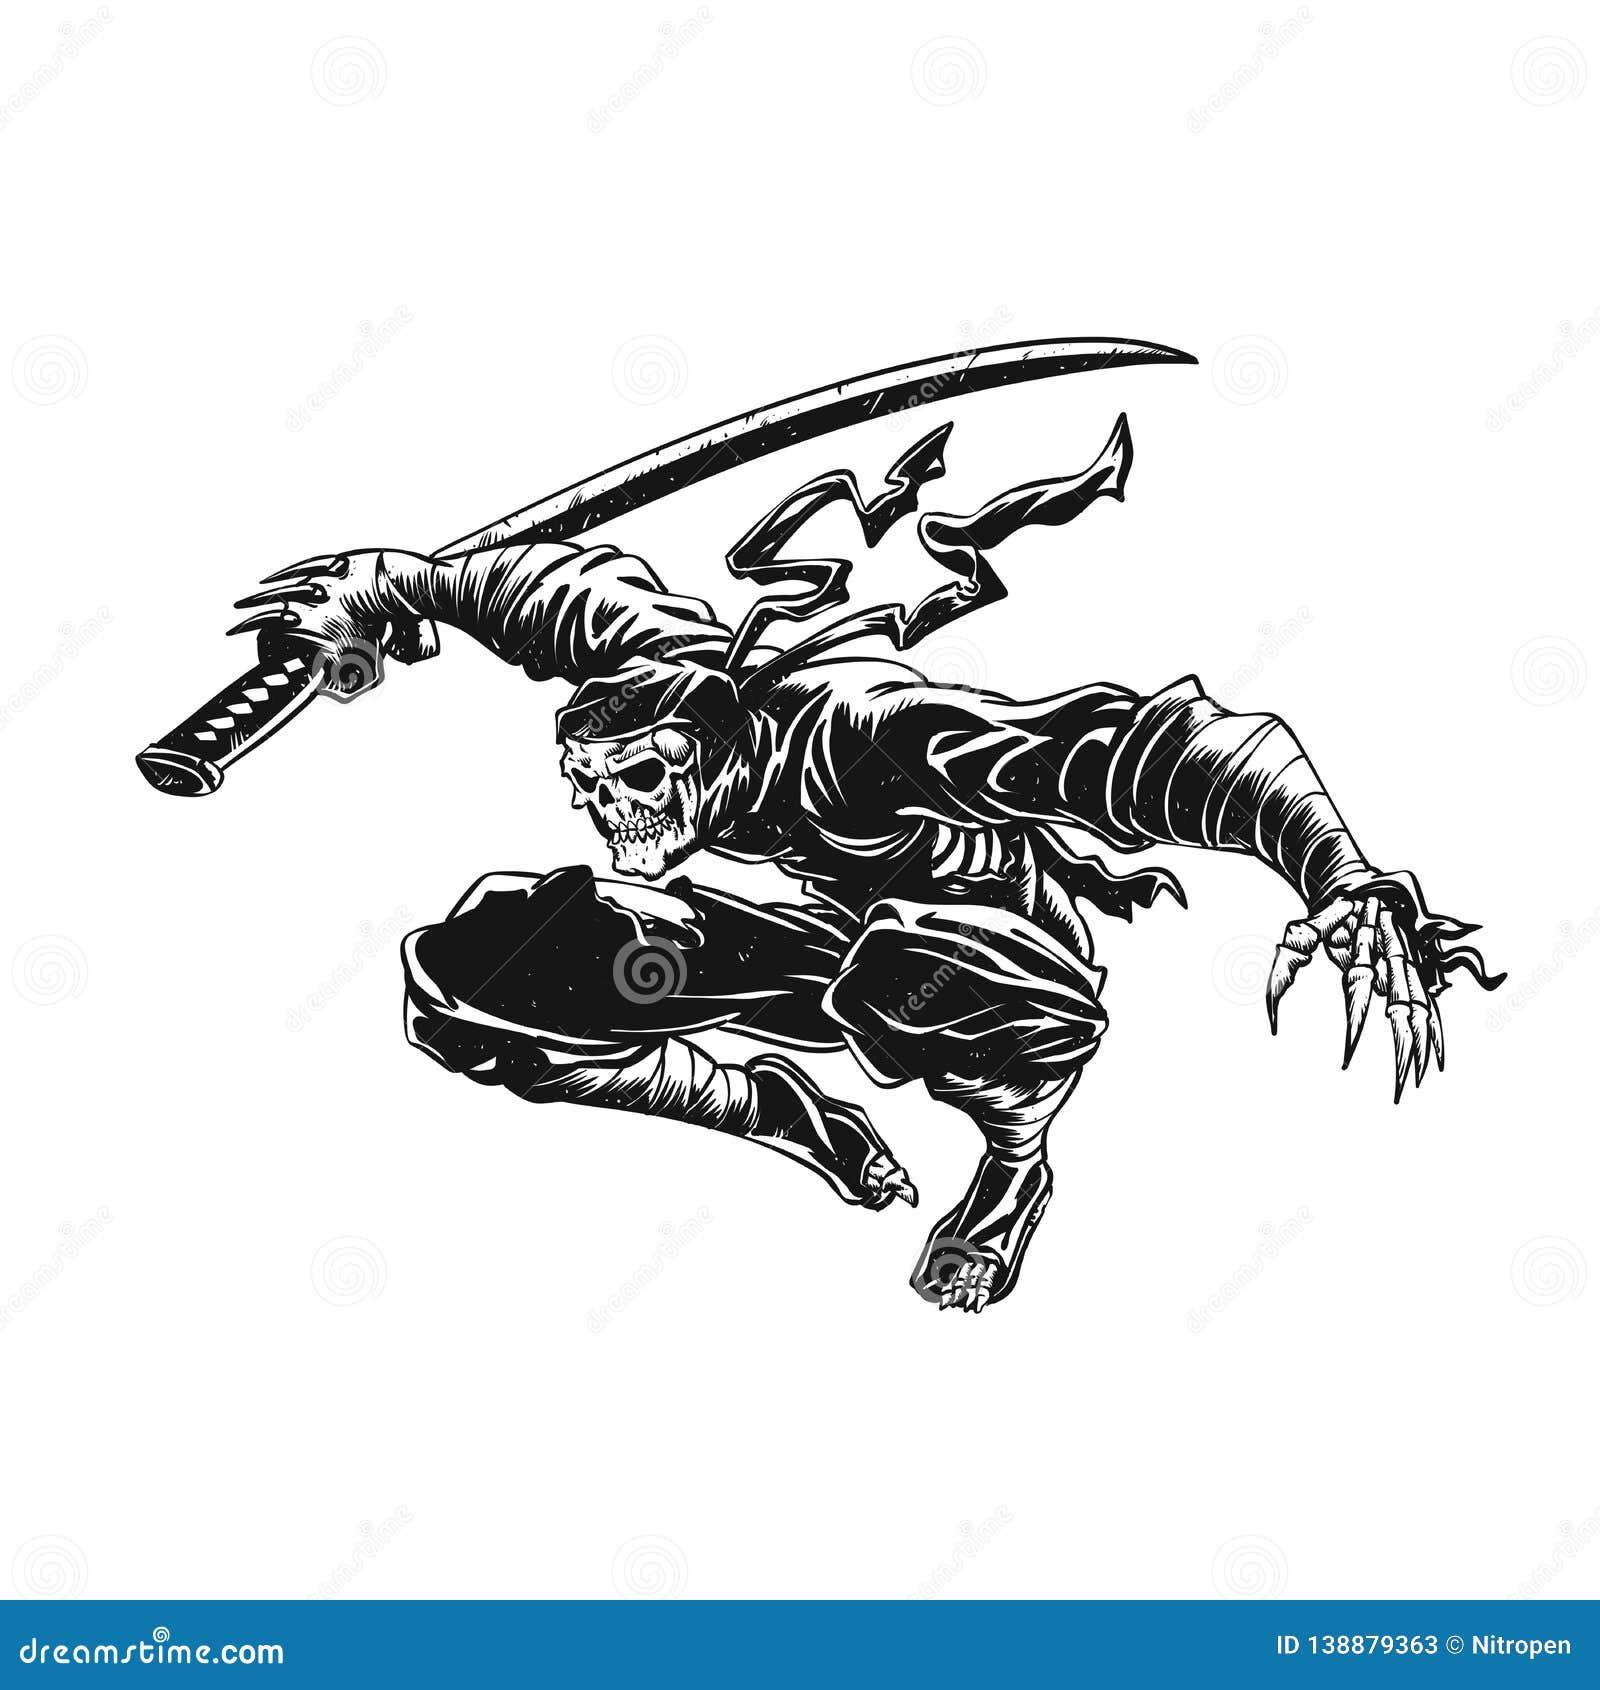 Ninja Skeleton Attacking , Skull Illustration , Stock Illustration